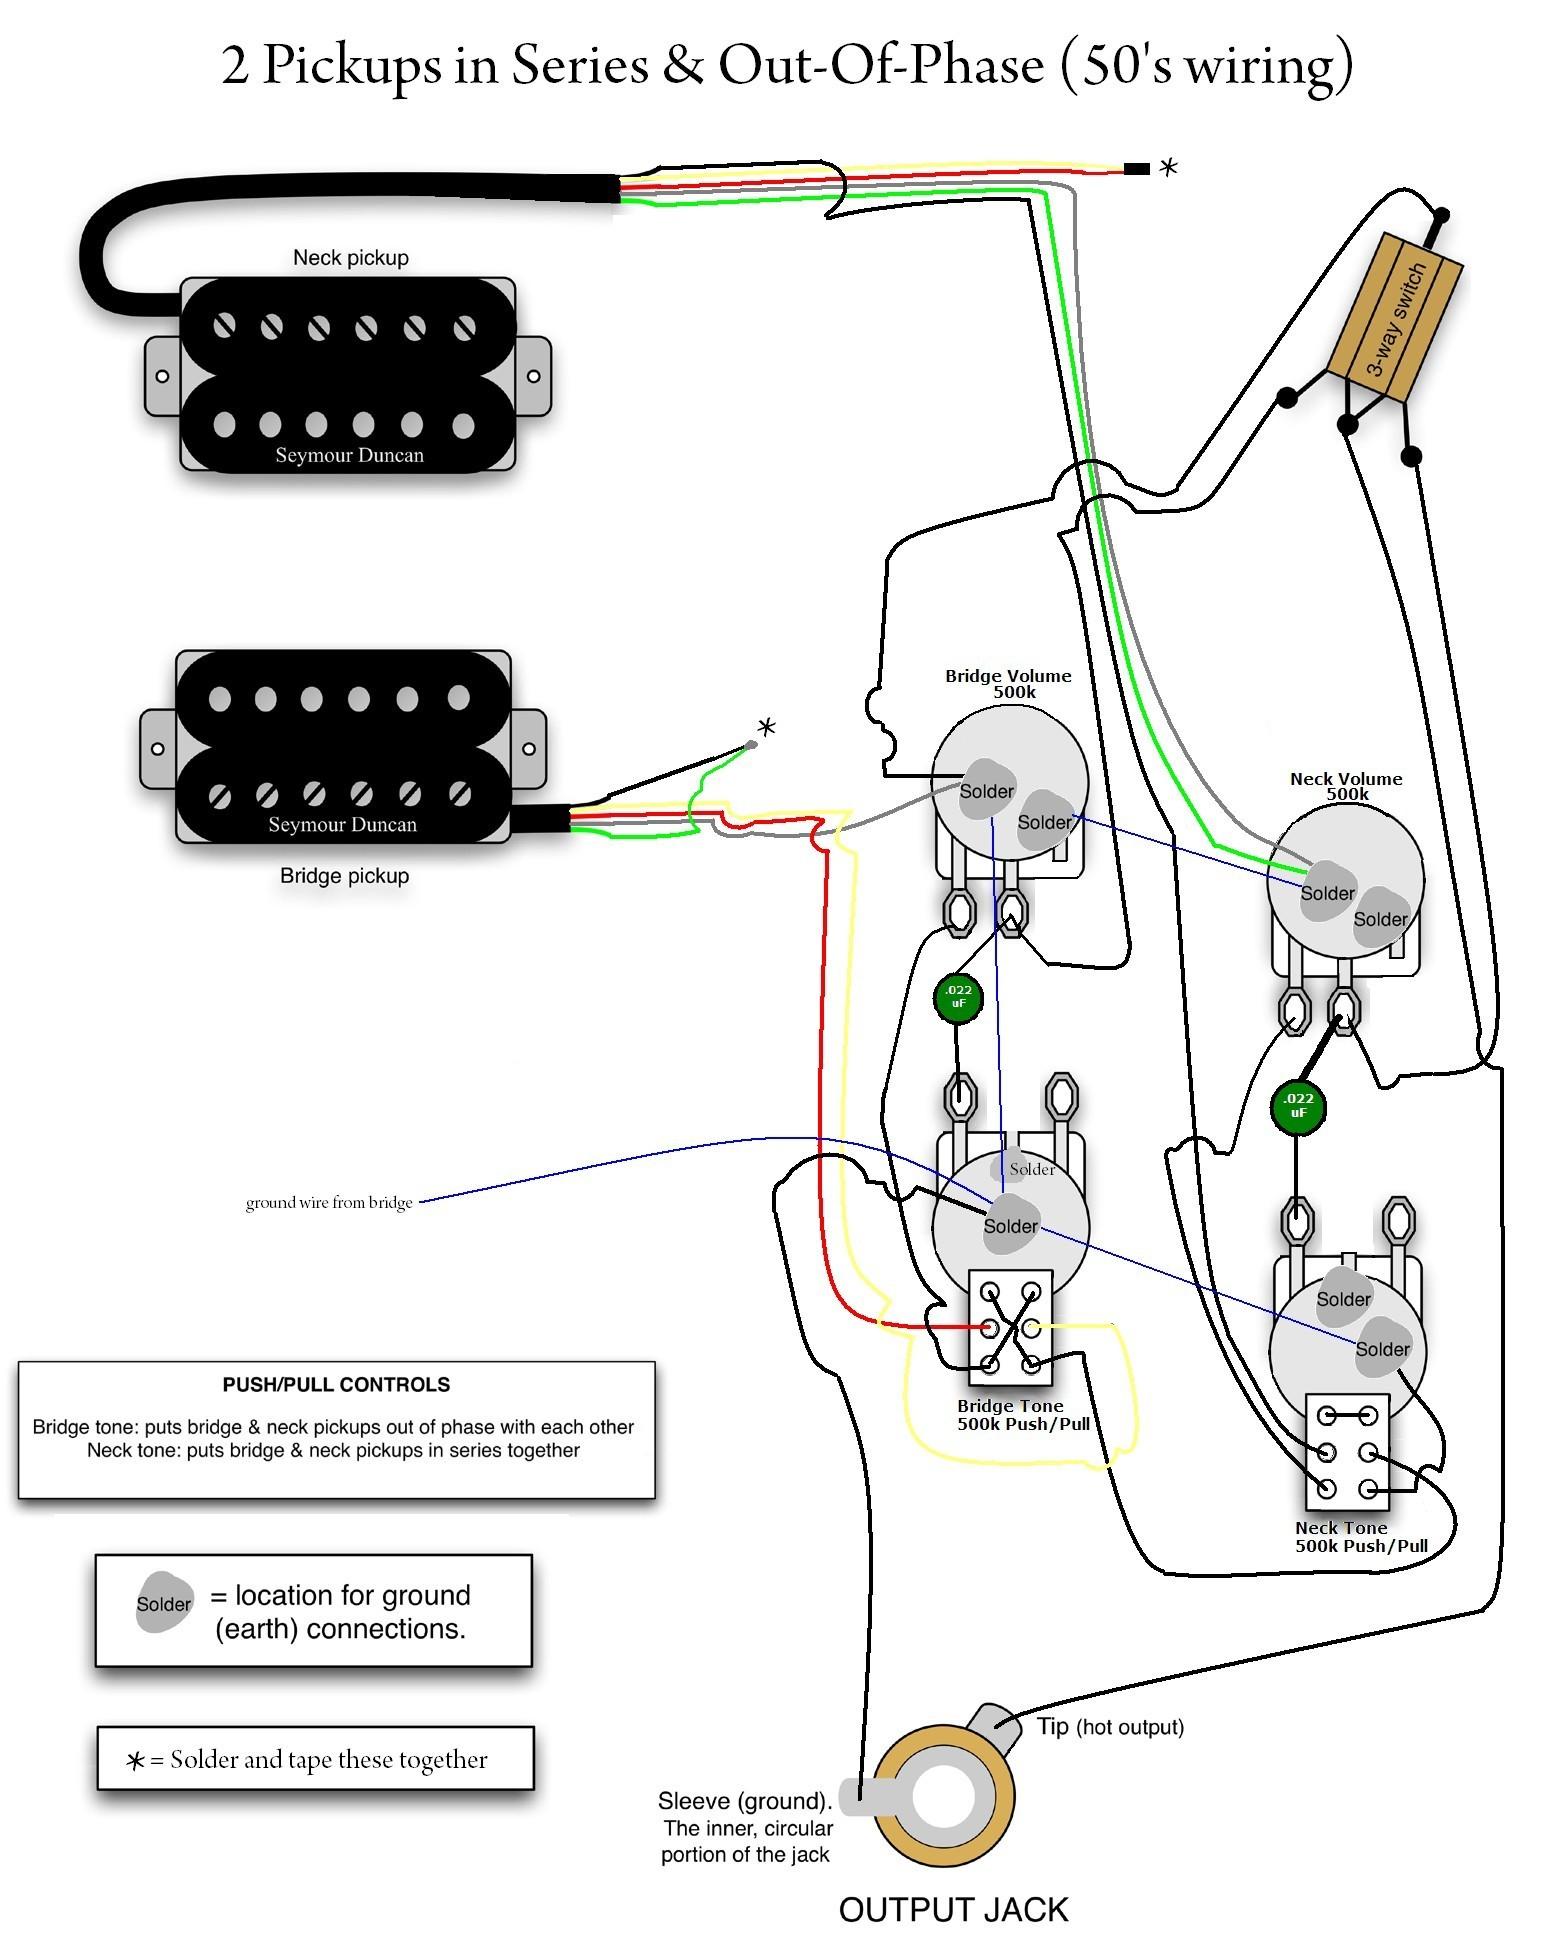 jackson avenger wiring diagram basic electronics wiring diagram Srt 4 Wiring Diagram jackson avenger wiring diagram schematic diagrampush pull coil tap wiring diagram wiring diagram jackson soloist wiring